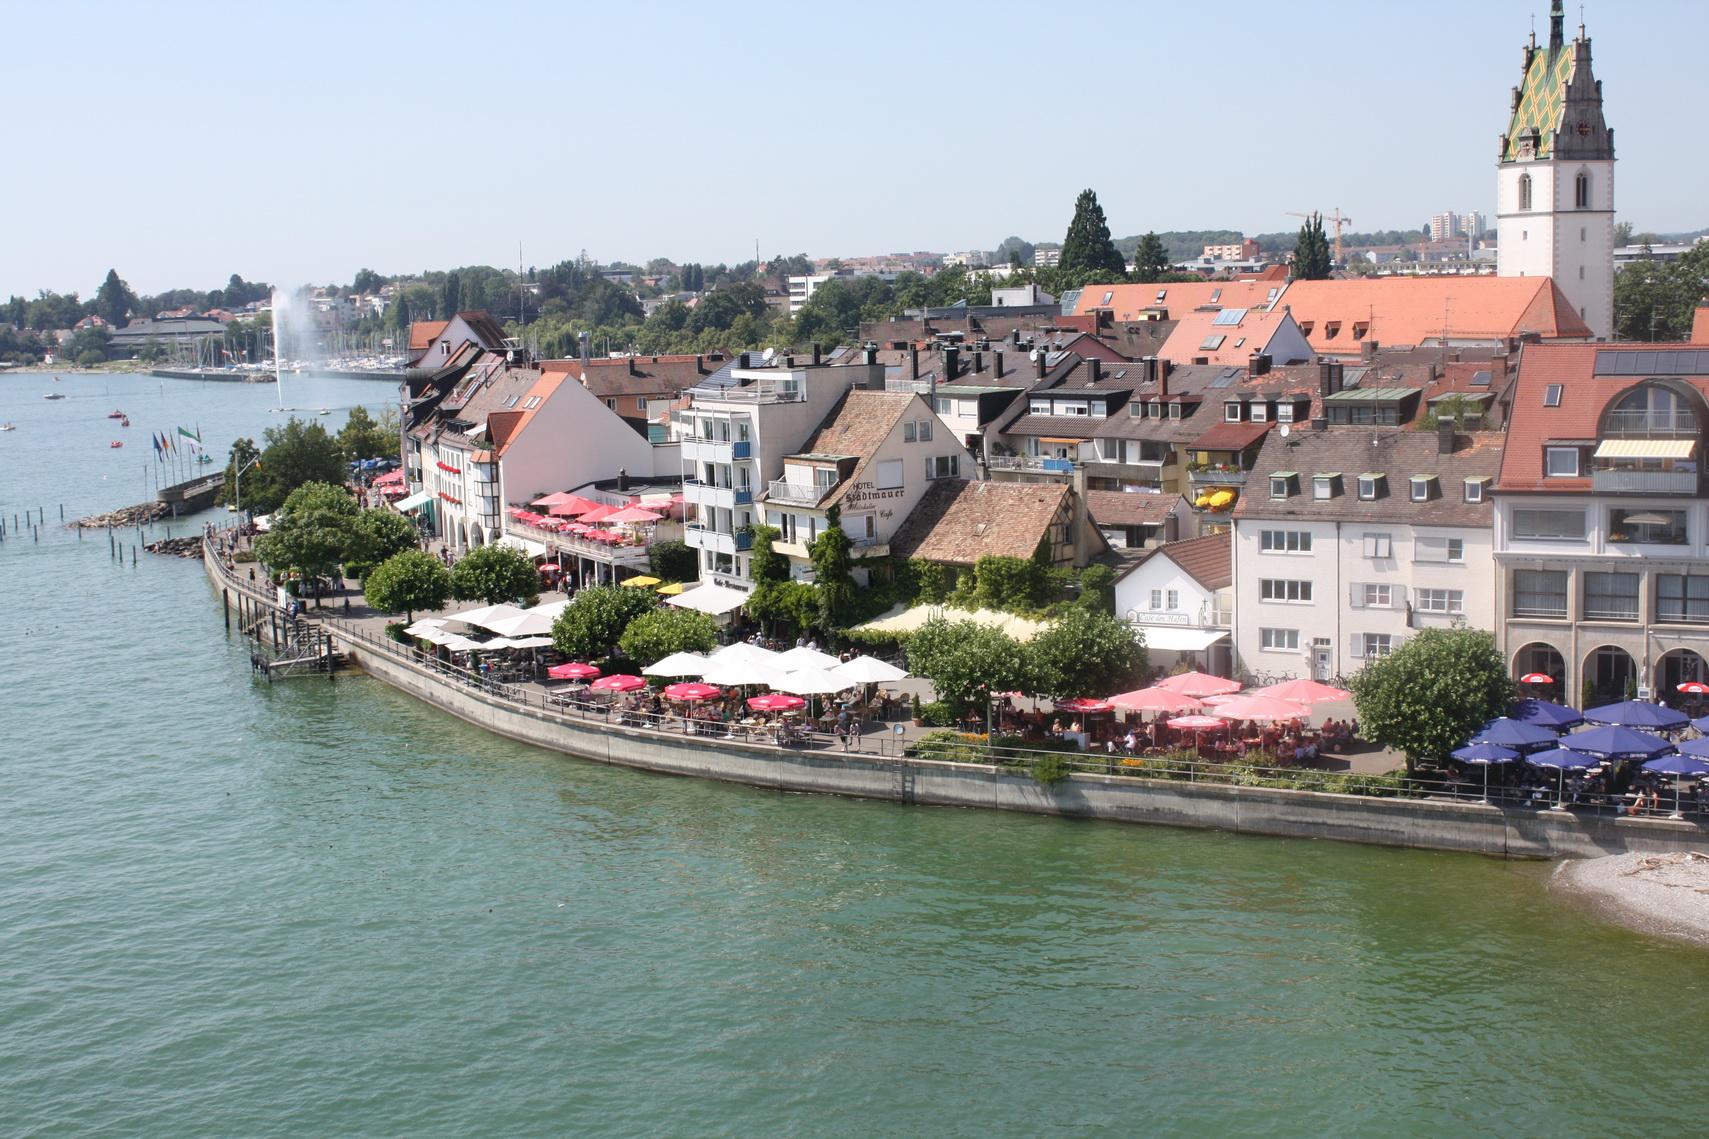 La città di Friedrichshafen sarà presto gemellata con Imperia